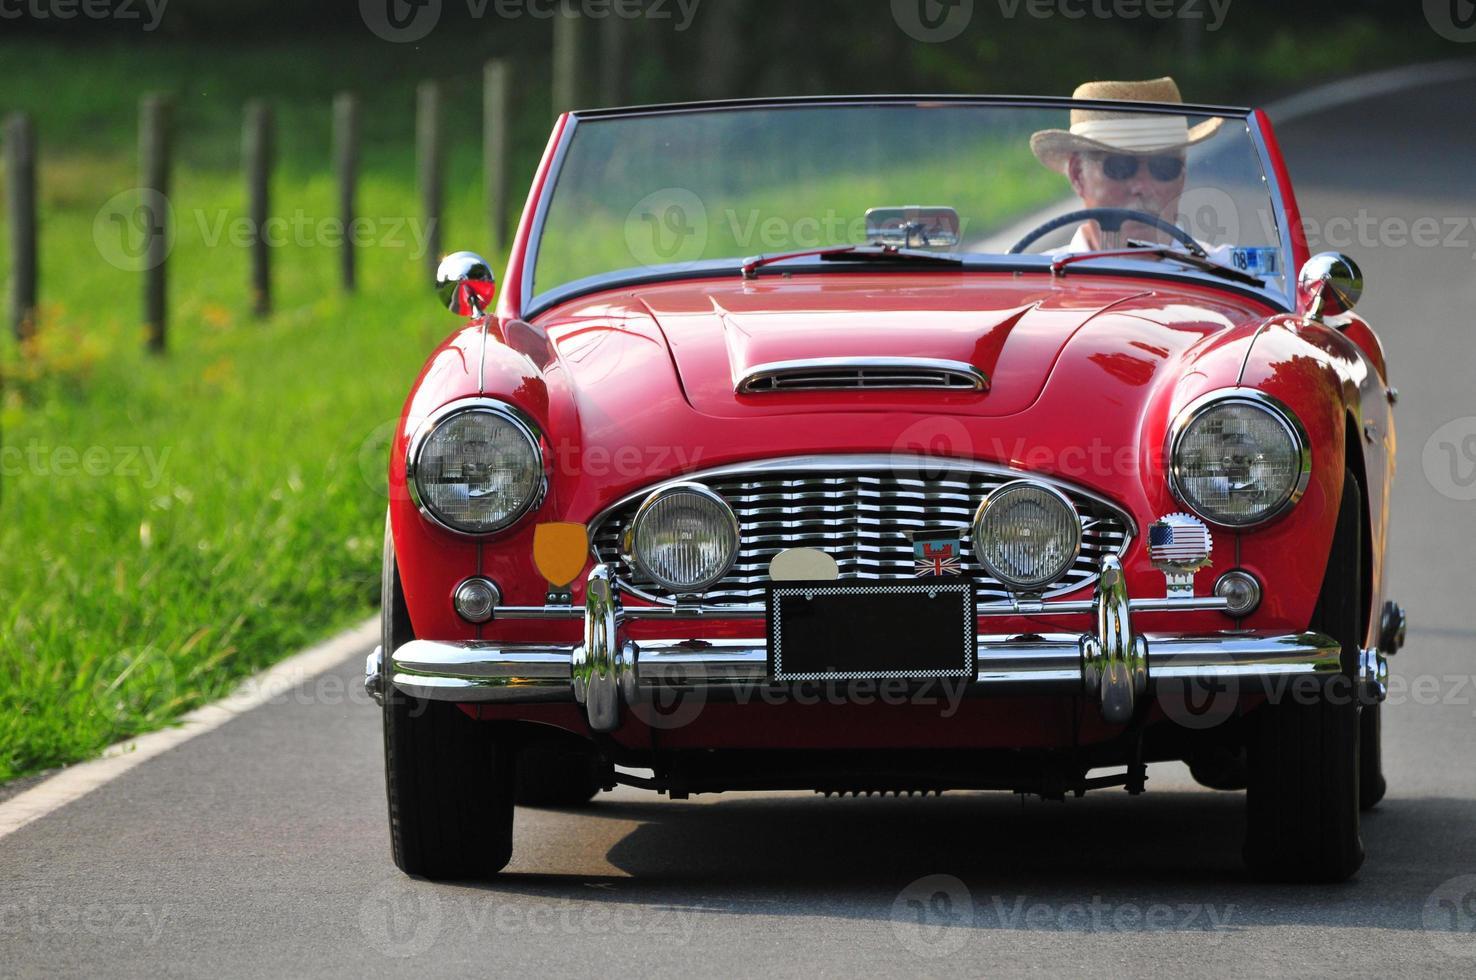 senior man driving a car photo